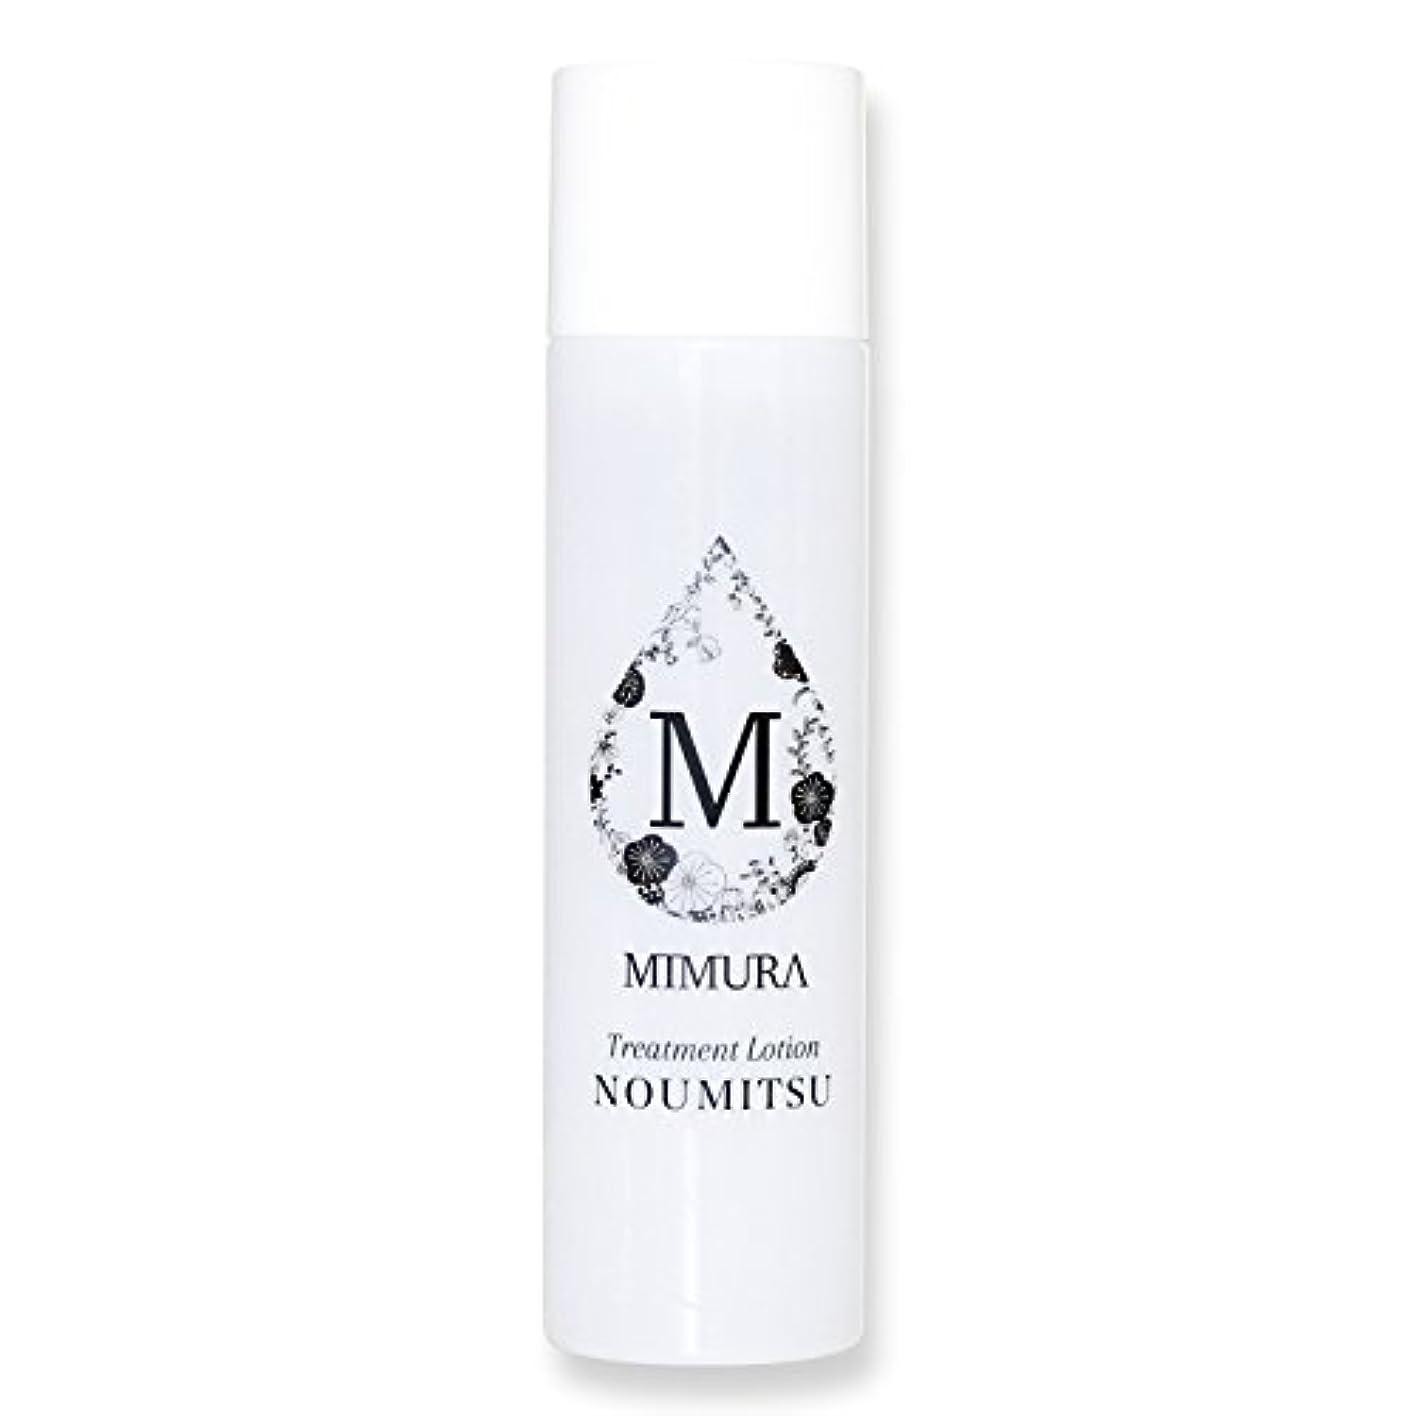 ミキサー資本紳士気取りの、きざな化粧水 乾燥肌 うるおい 送料無料 ミムラ トリートメントローション NOUMITSU MIMURA 日本製